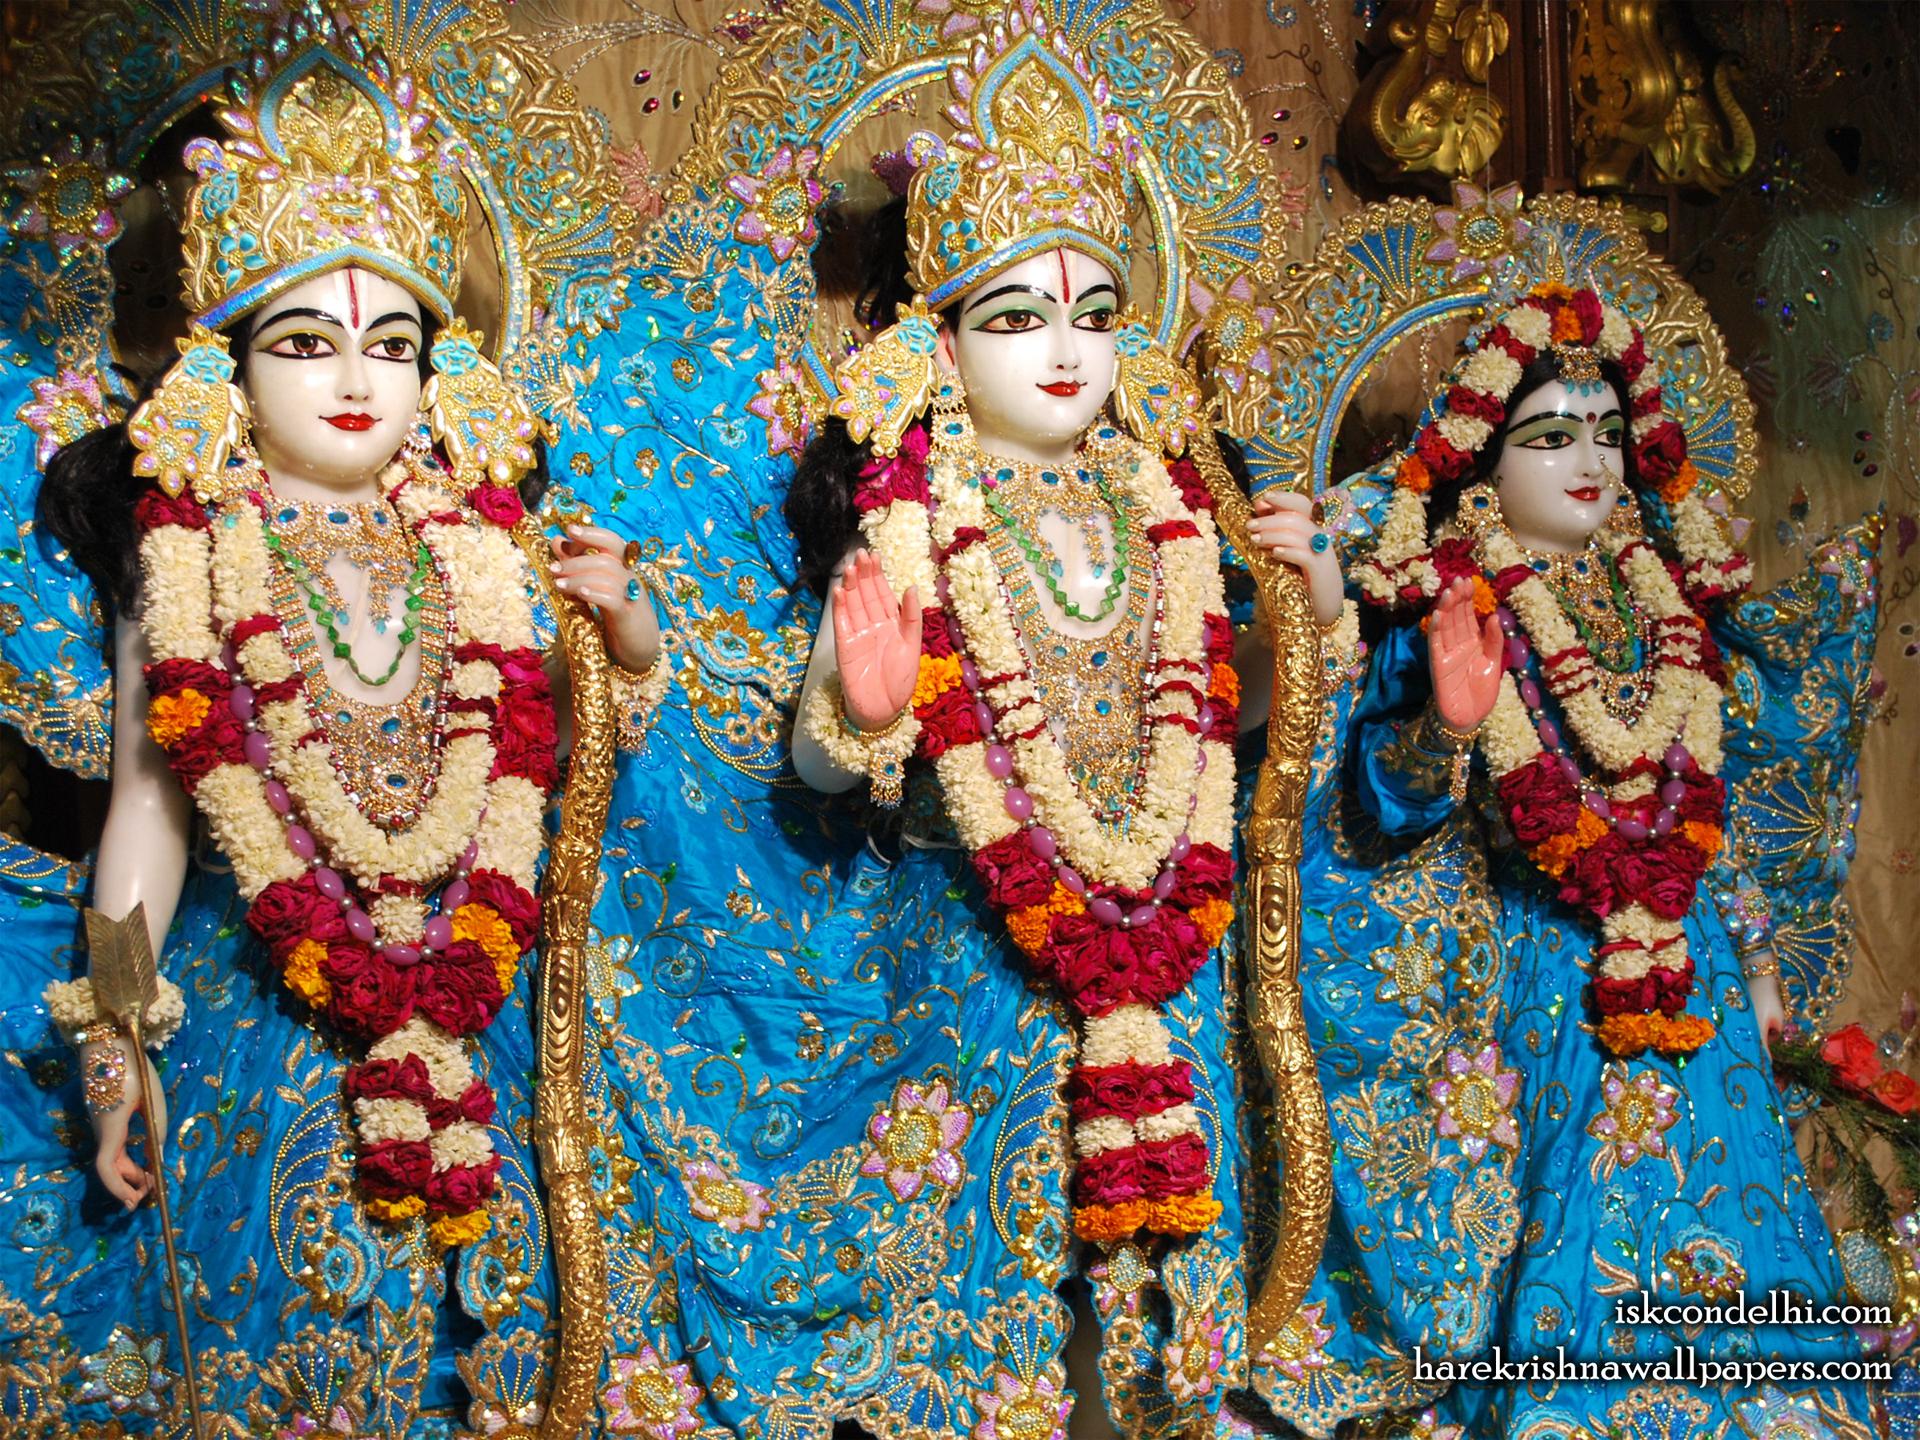 Sri Sri Sita Rama Laxman Wallpaper (009) Size 1920x1440 Download